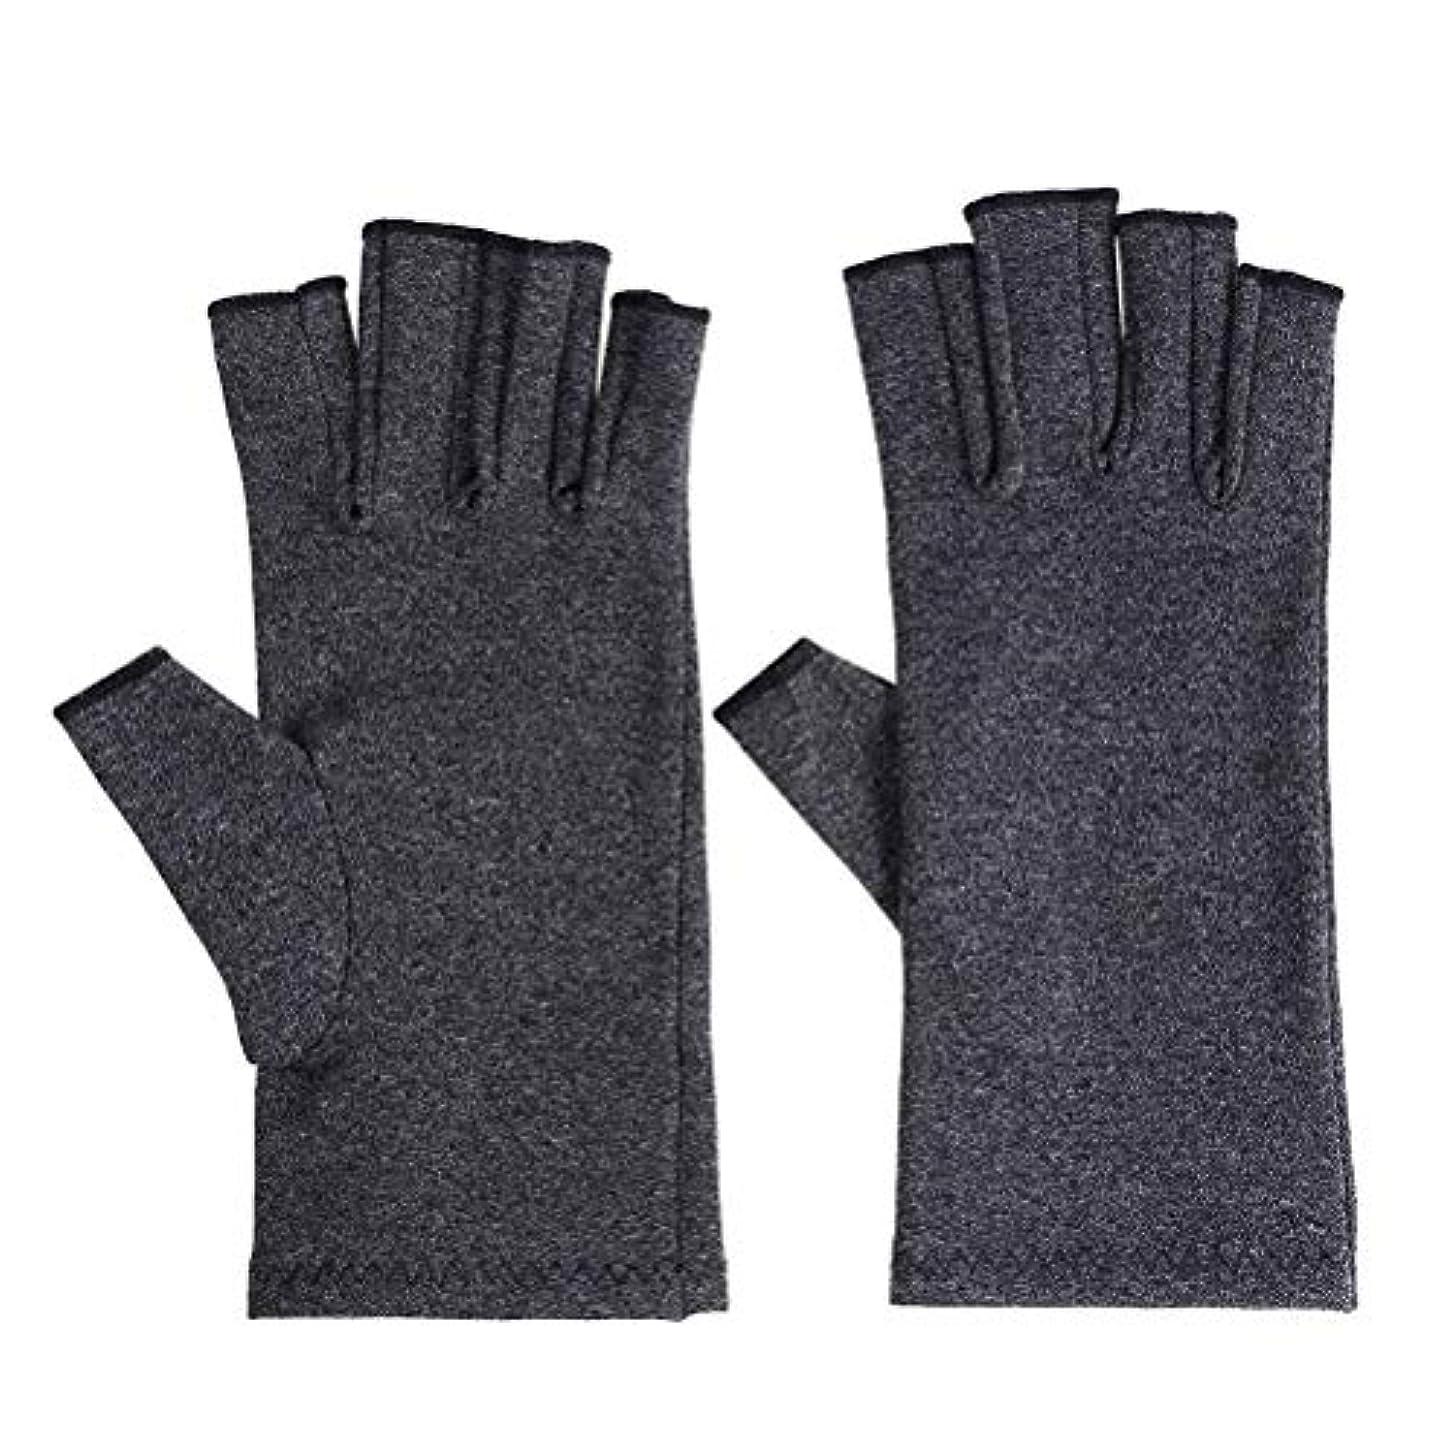 ガウン怒る先例Healifty 手関節炎関節痛緩和手袋療法圧縮手袋ヘルスケア手袋女性男性1ペア